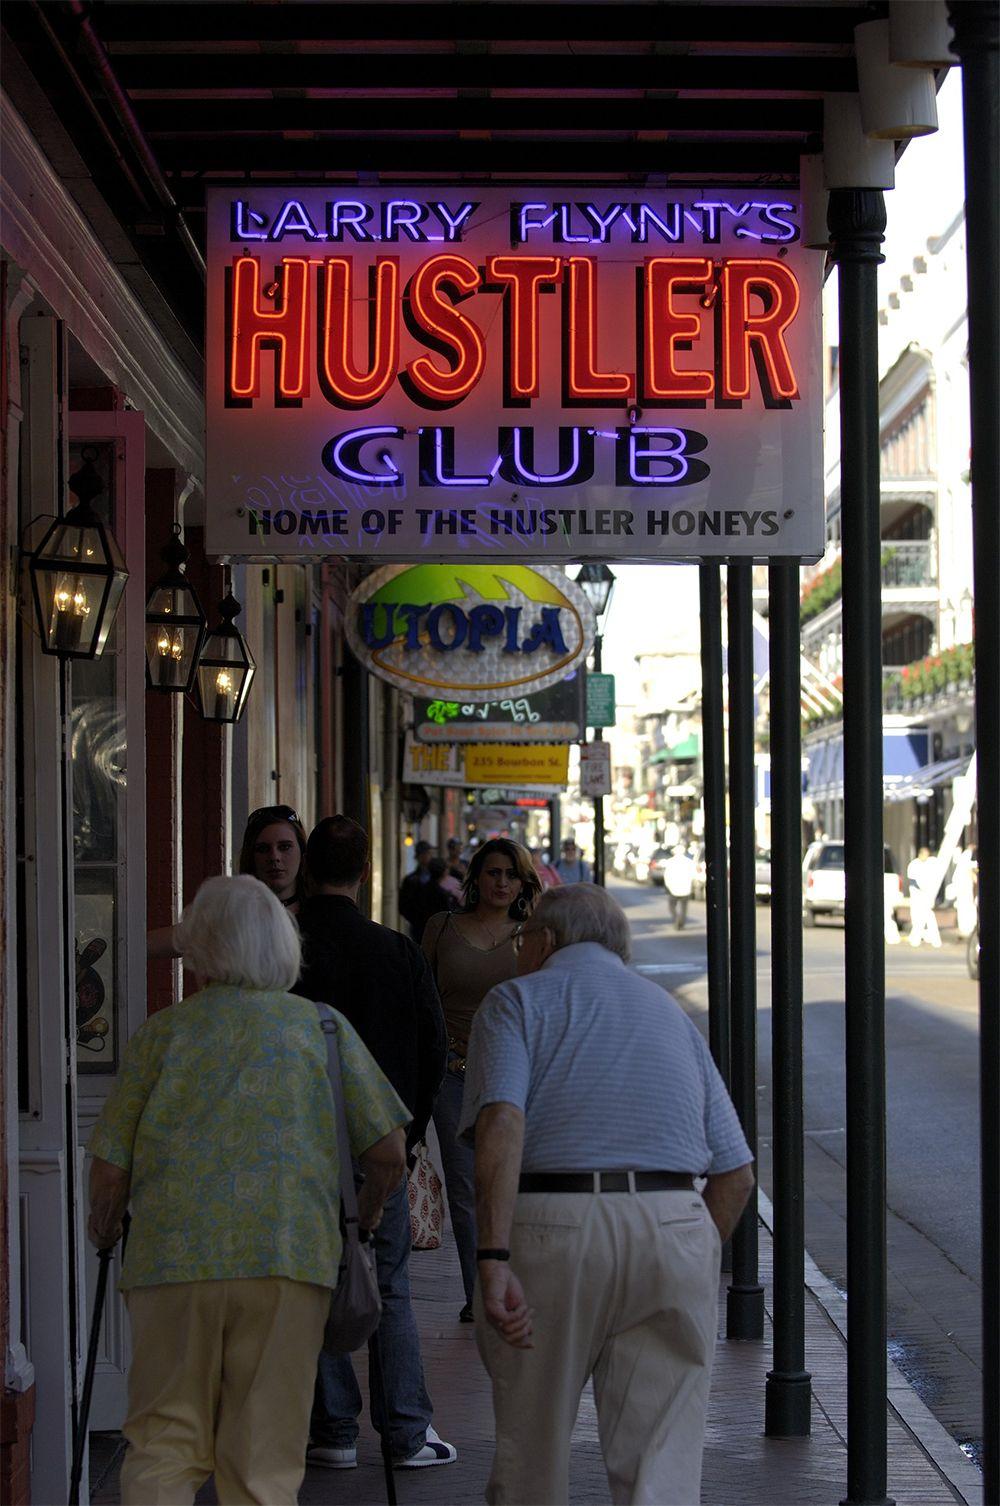 В 1964 году Флинт задумался, как заработать на жизнь. И открыл свой первый стриптиз-клуб в Дейтоне. Полиция не смогла закрыть его, даже не смотря на вал жалоб со стороны поборников морали.